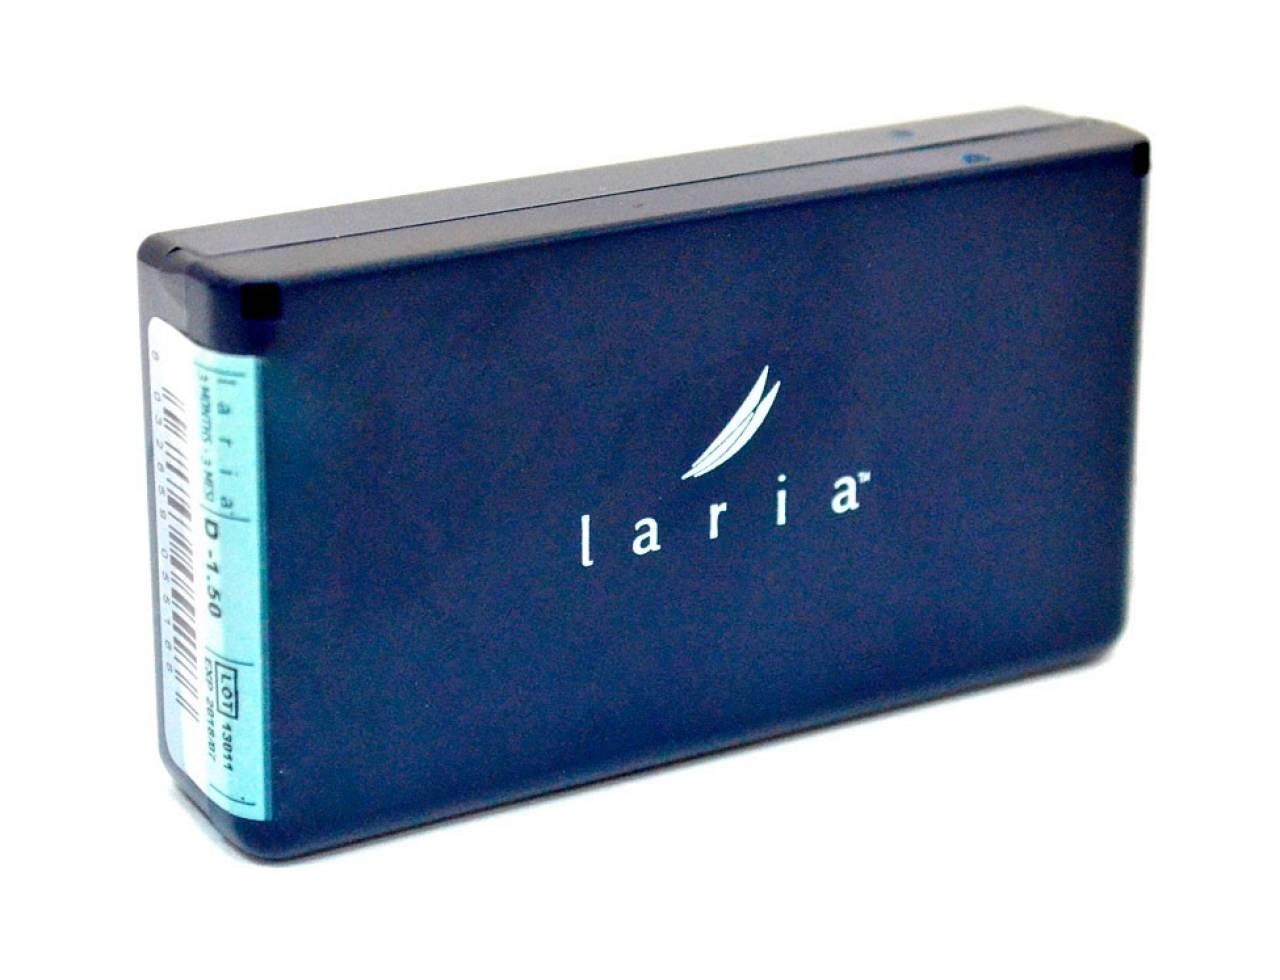 Квартальные контактные линзы Eyemed Technologies Laria 3 Months - Фото №7